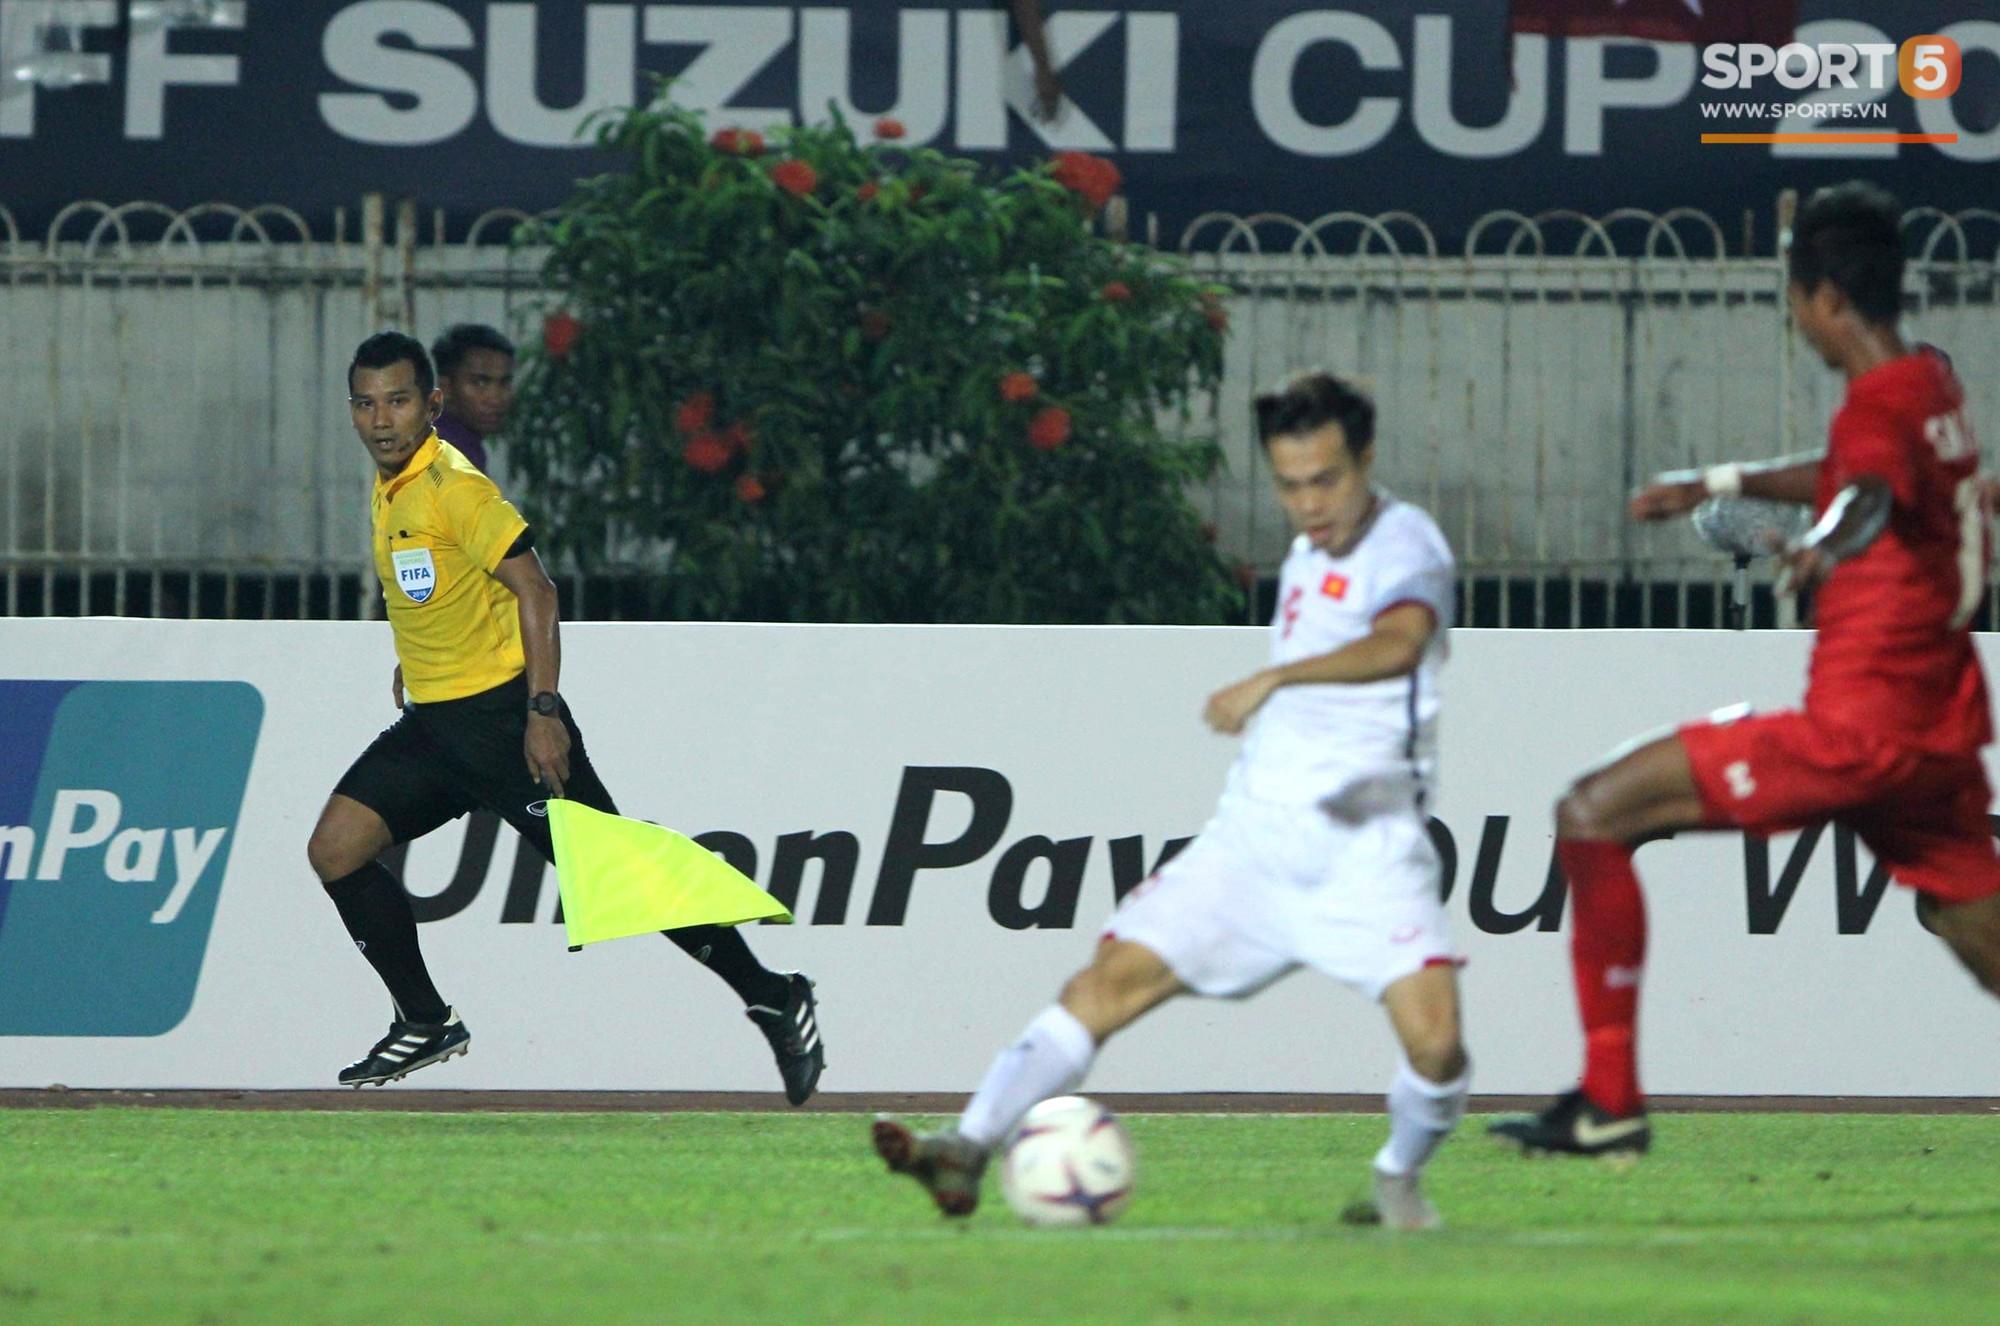 Trọng tài Thái Lan cướp bàn thắng của Việt Nam trước Myanmar - Ảnh 2.